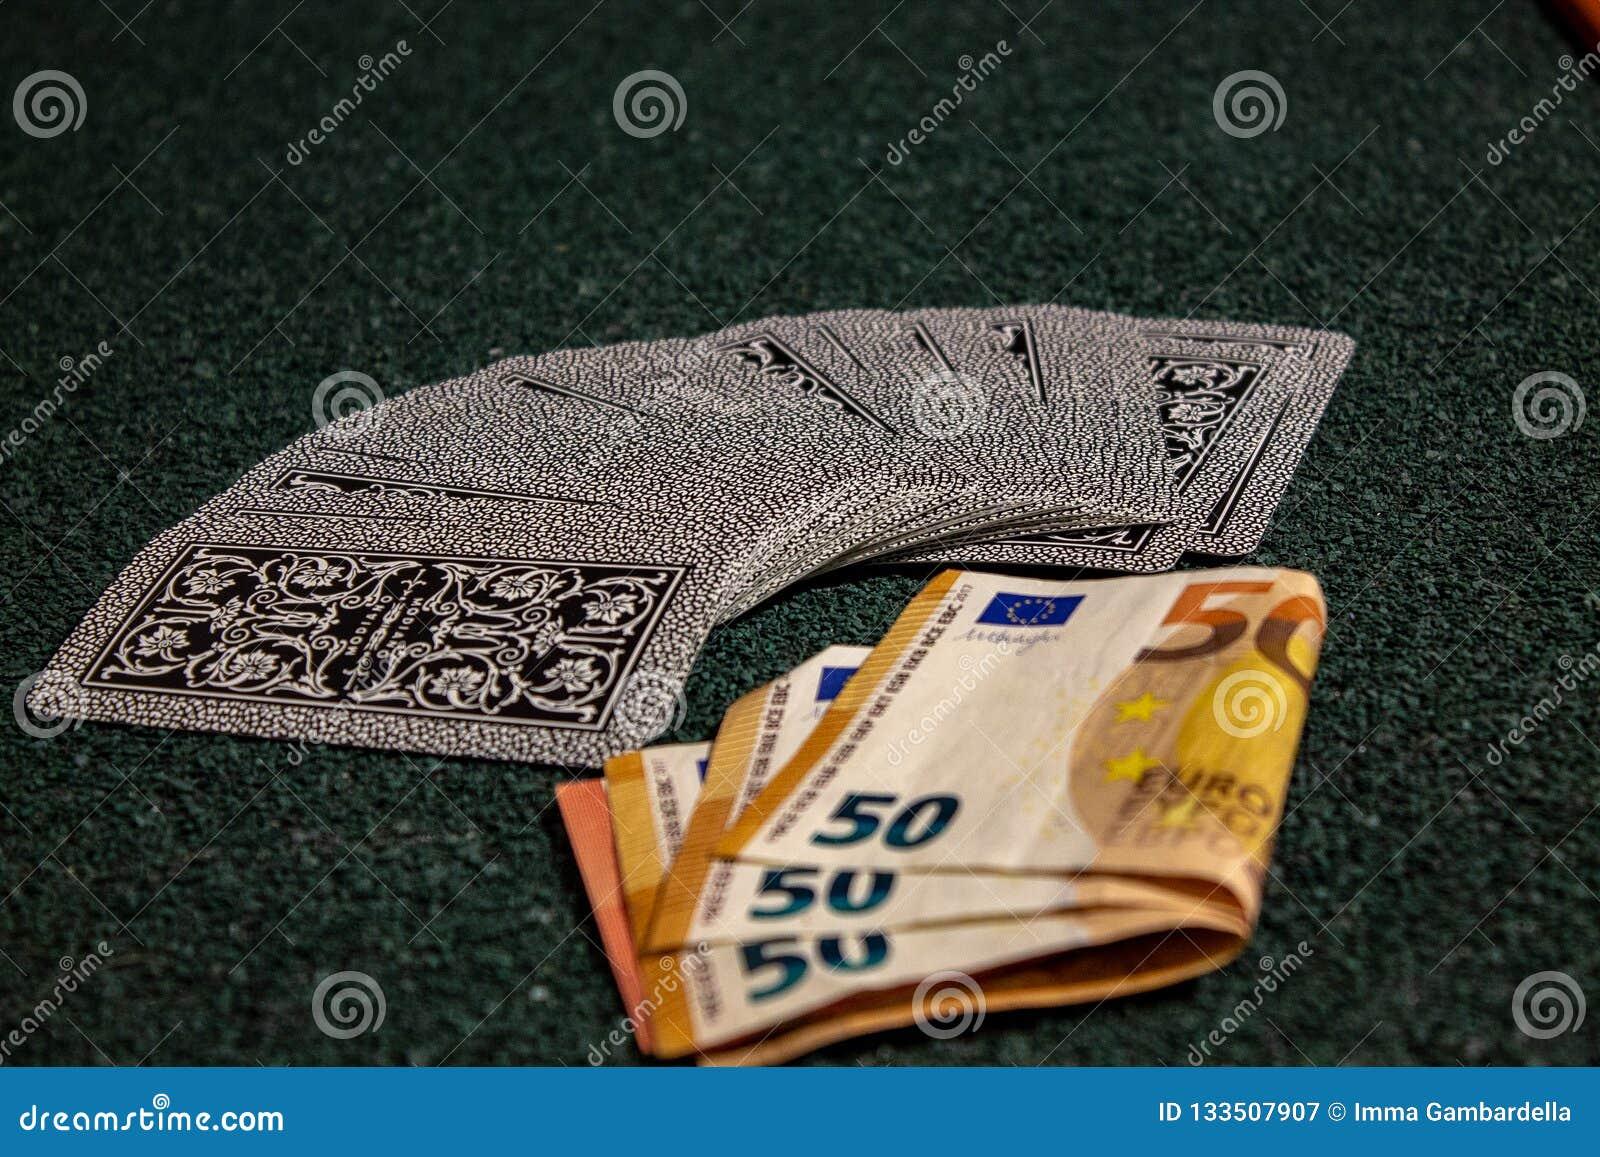 Spela med kort, pengar eller enkelt kortspelet, när familjen återförenas